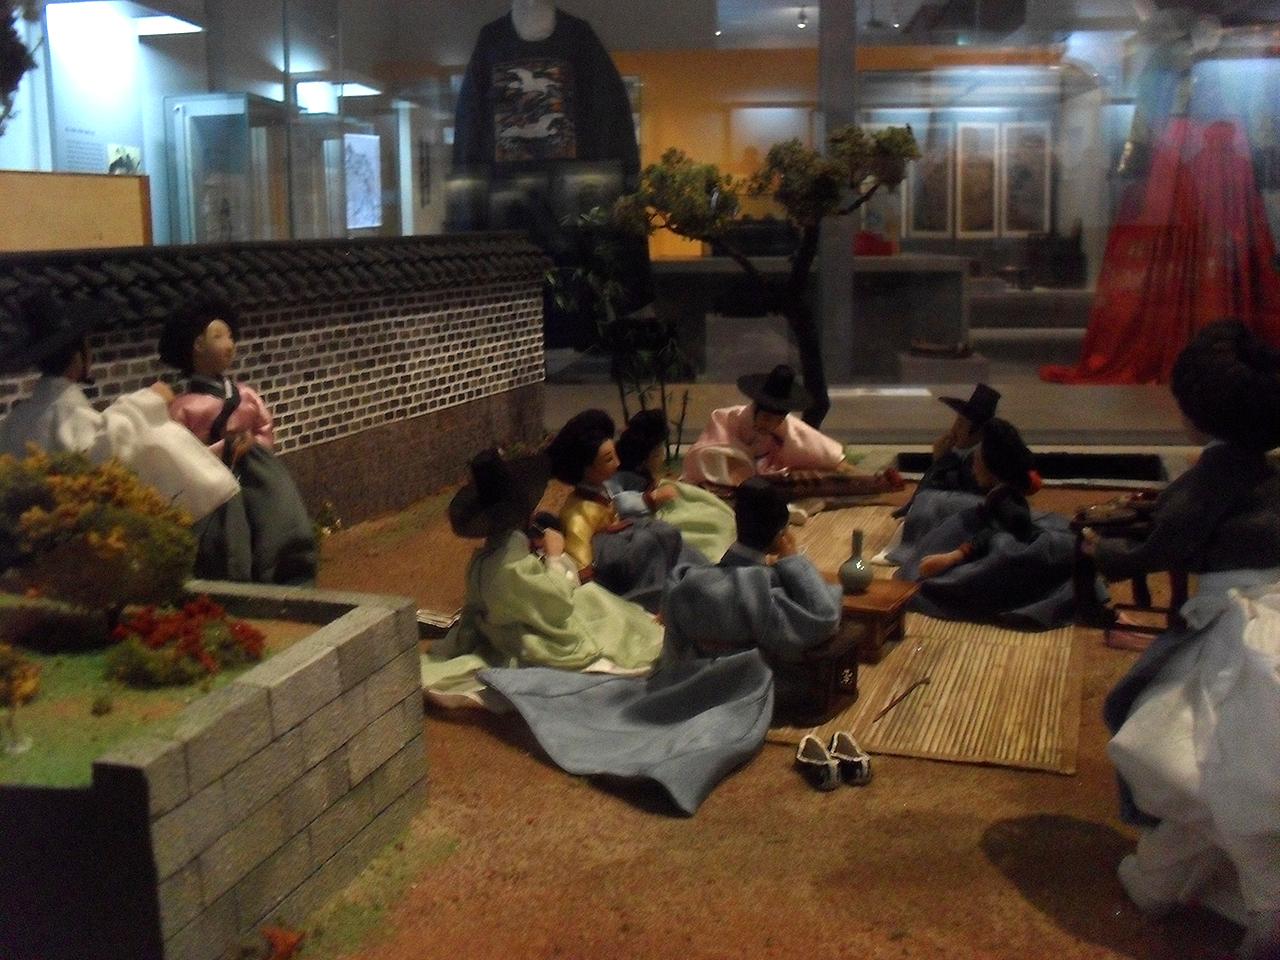 술자리를 즐기는 선비들. 서울시 종로구 신문로의 서울역사박물관에서 찍은 사진.